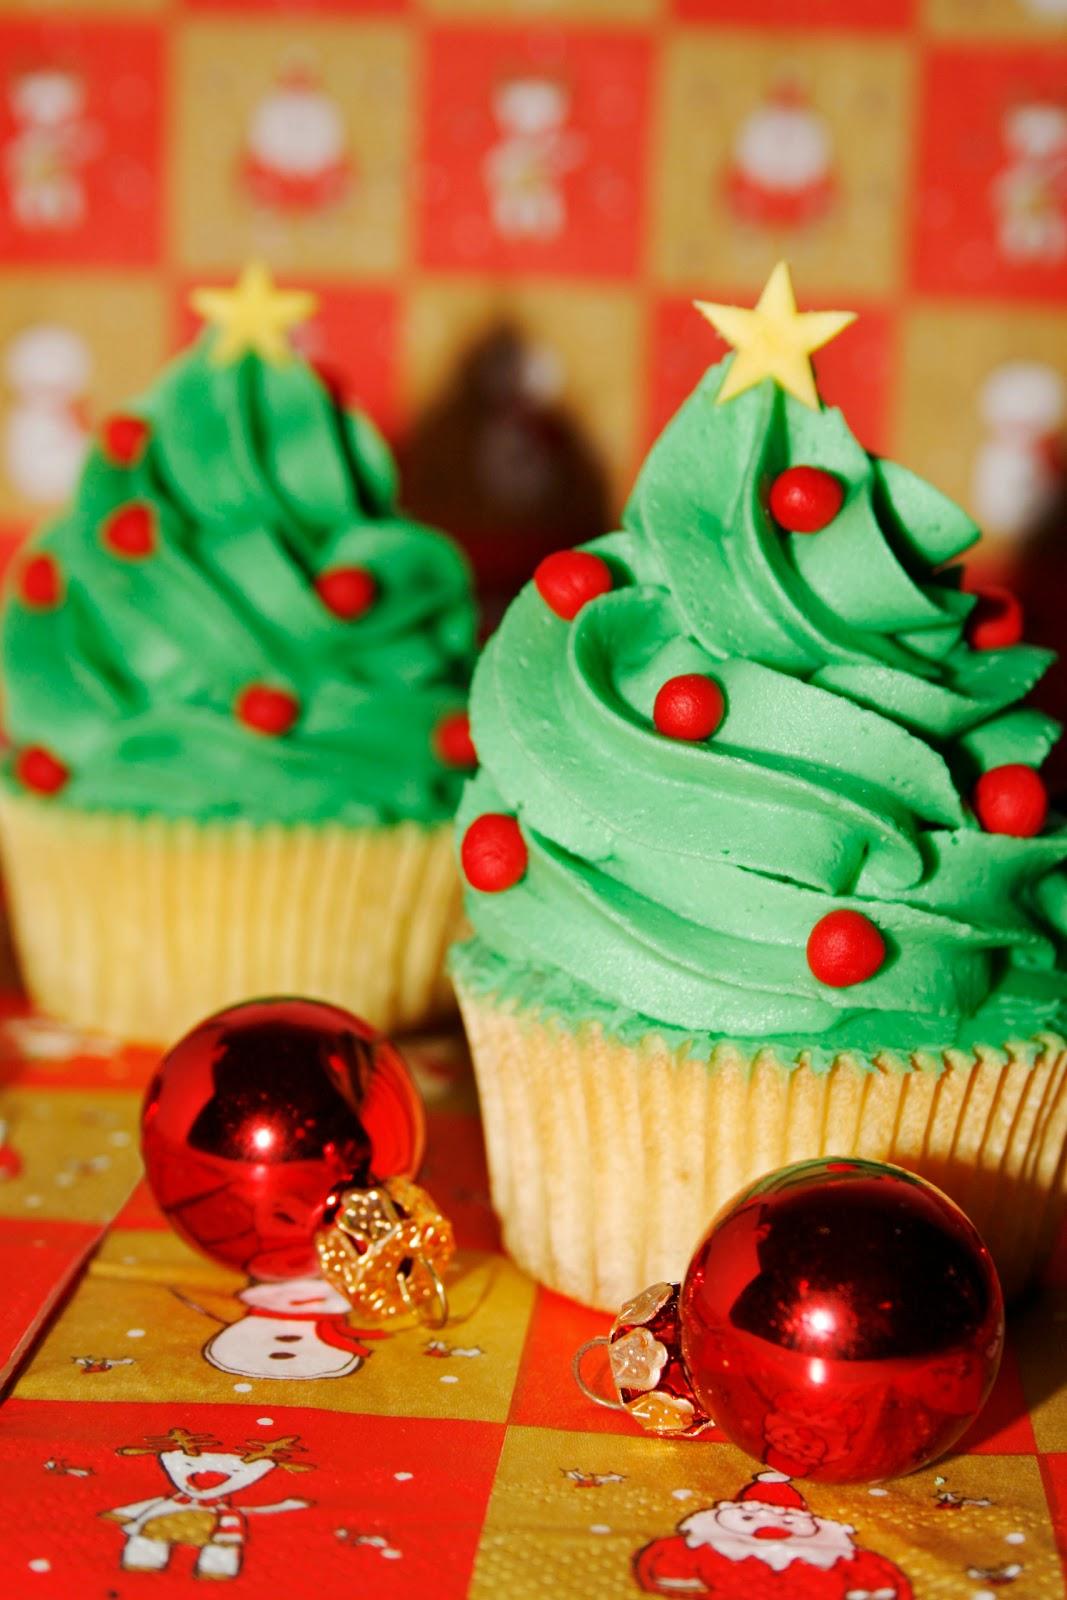 adornos para arbolito mail.bet-at-home.com - robtex de navidad con Dulces